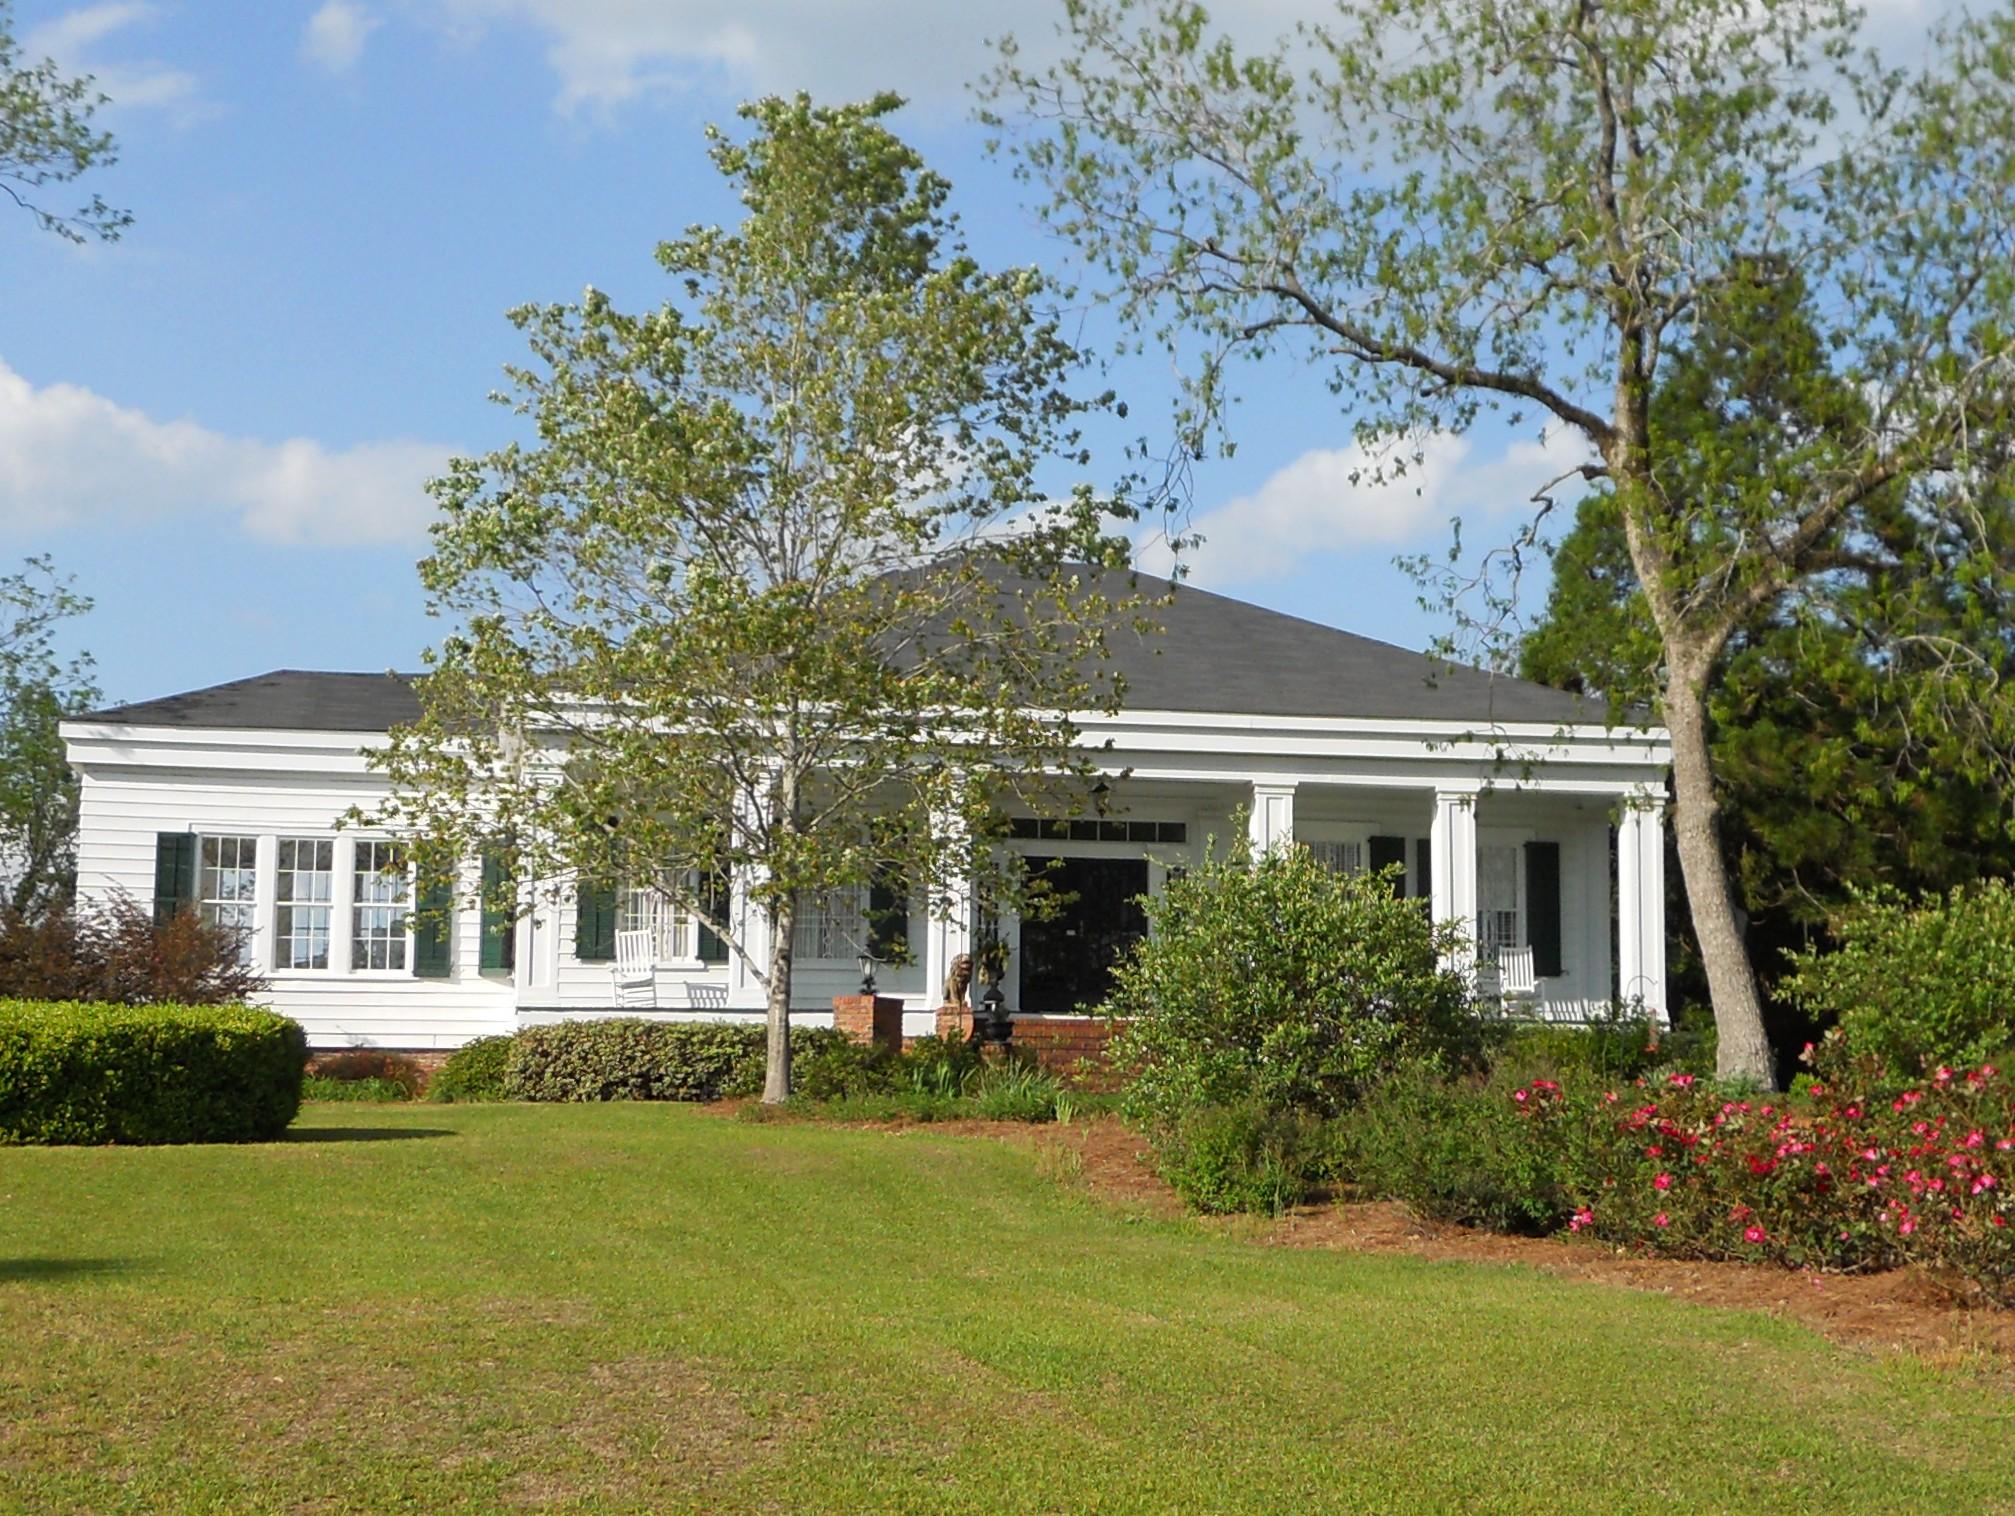 Pittsview Alabama